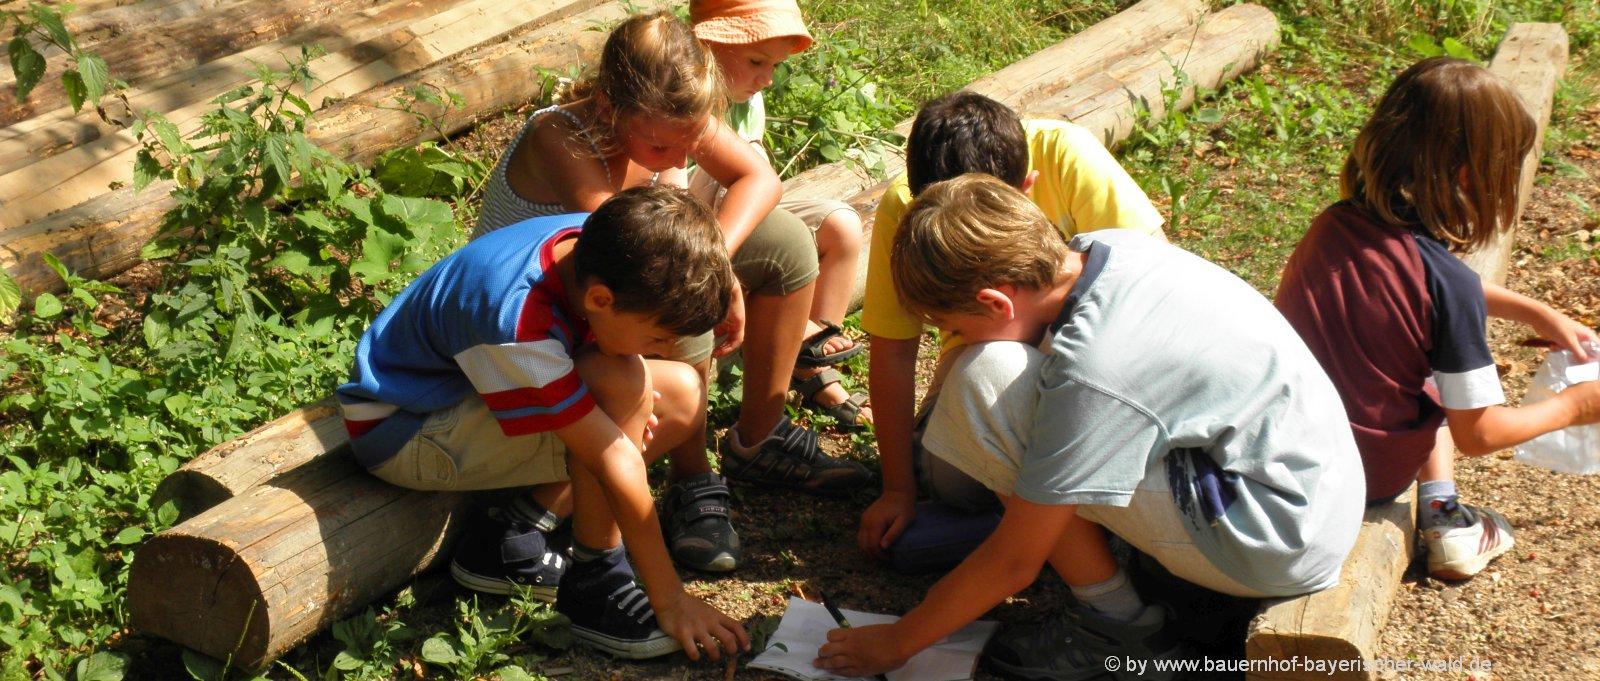 Erlebnisurlaub am Bauernhof Kinderurlaub Bayerischer Wald